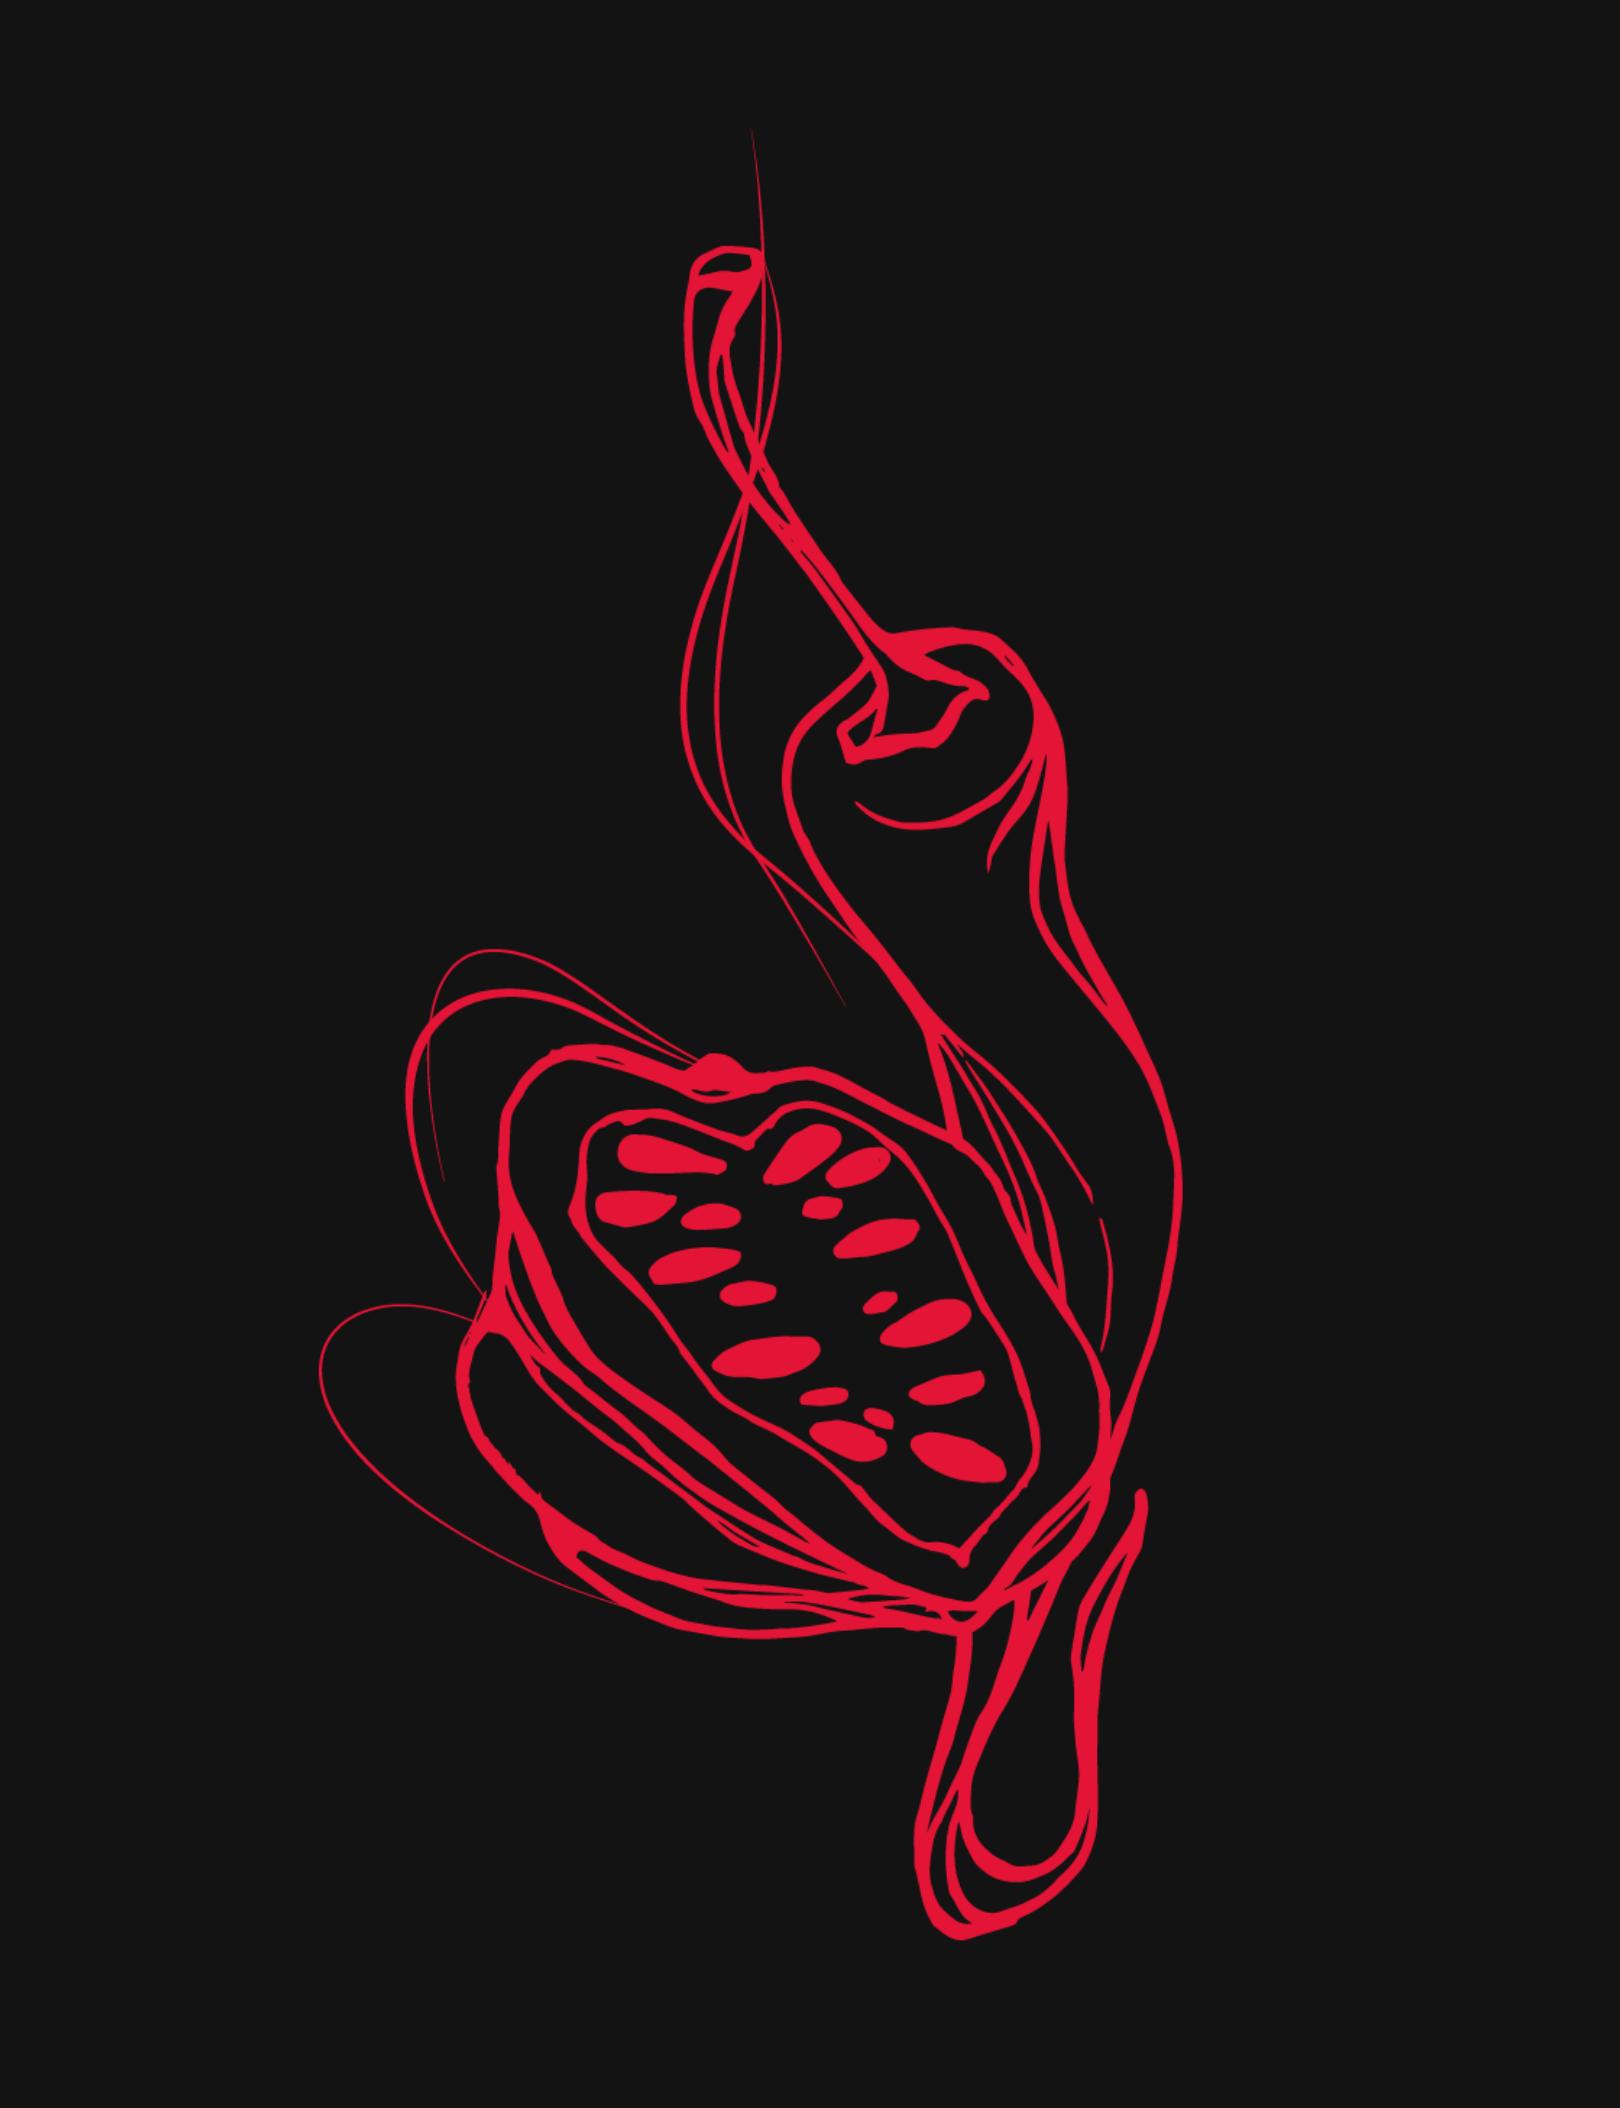 illustration red chili